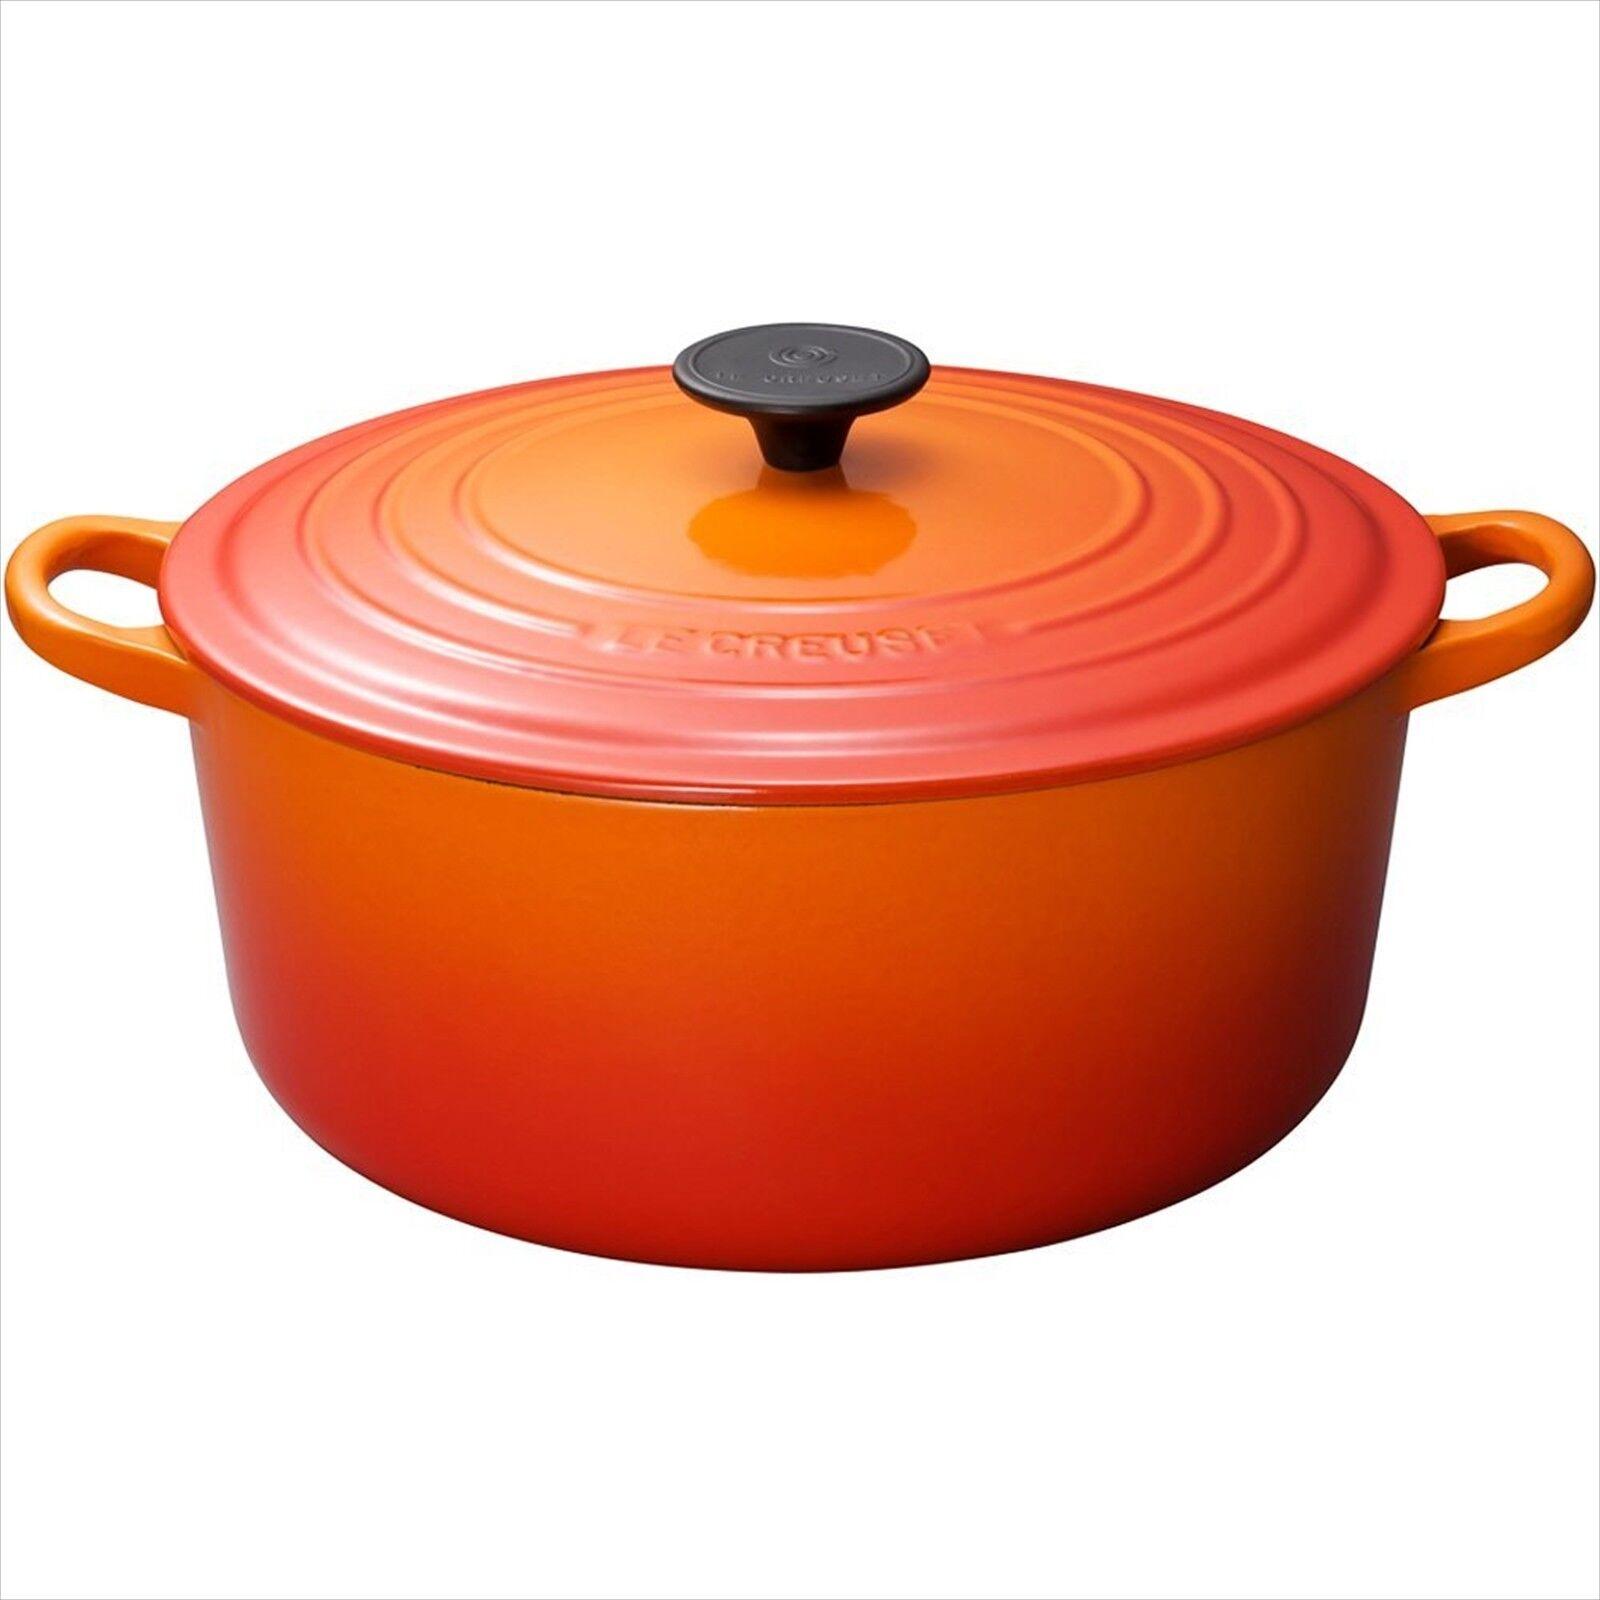 Le Creuset 20cm IH Enamel Pot Cocotte Rondo orange F S